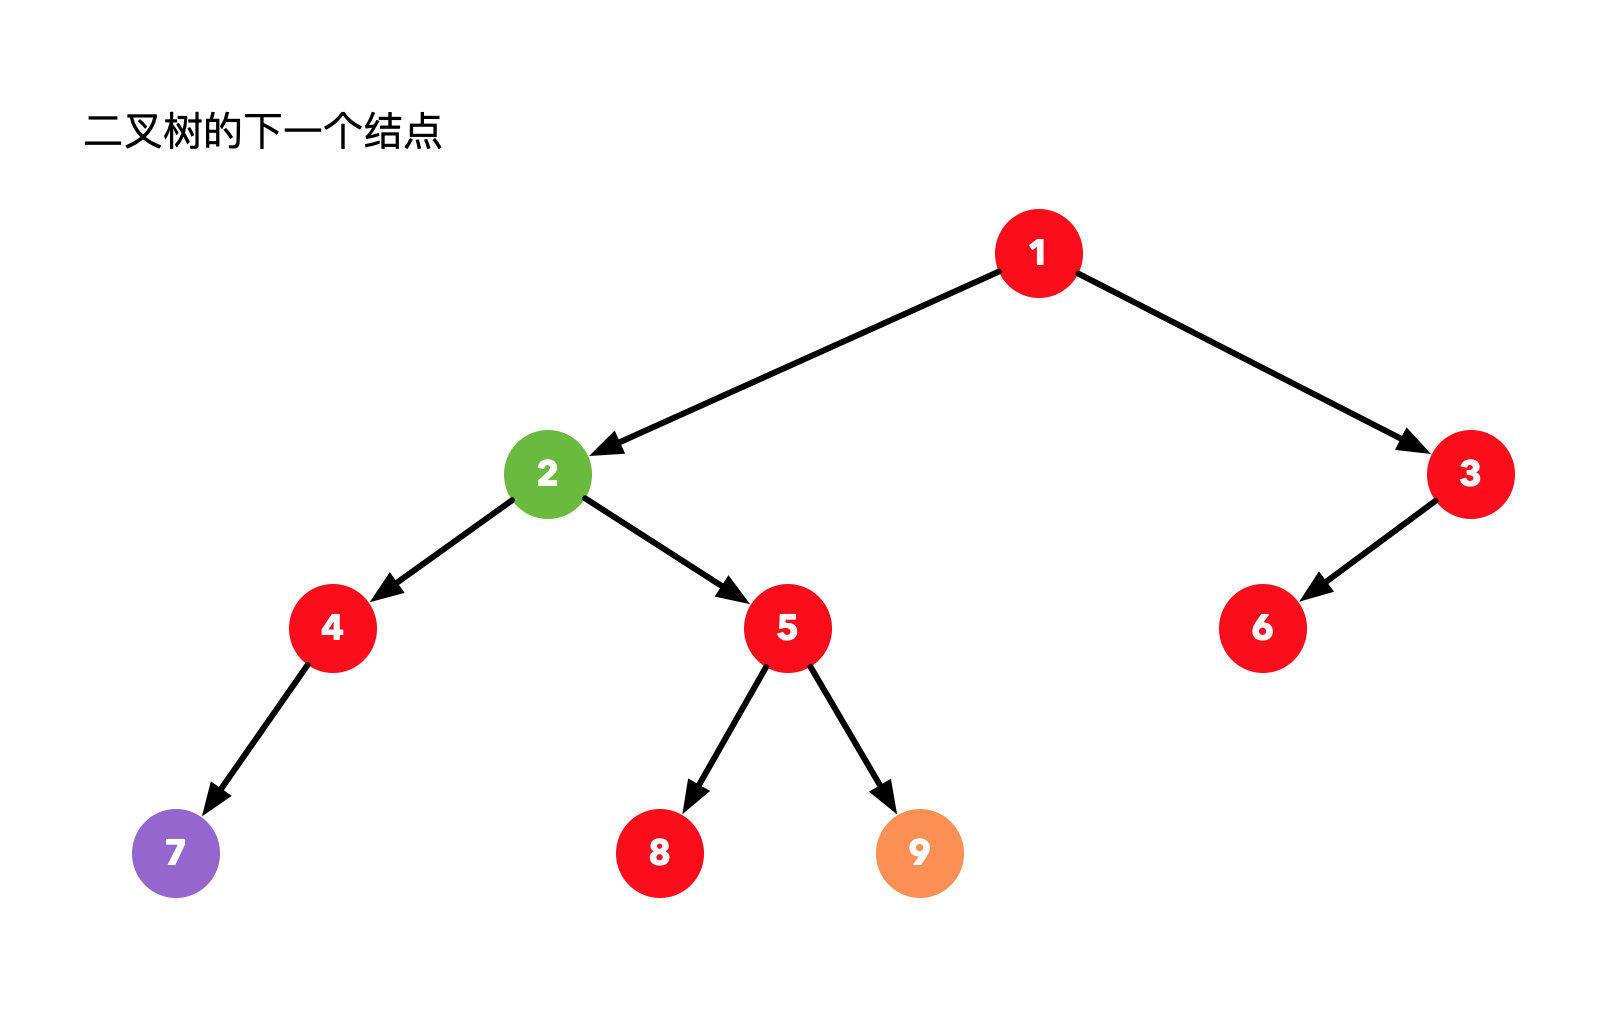 liwei20191017_2.png